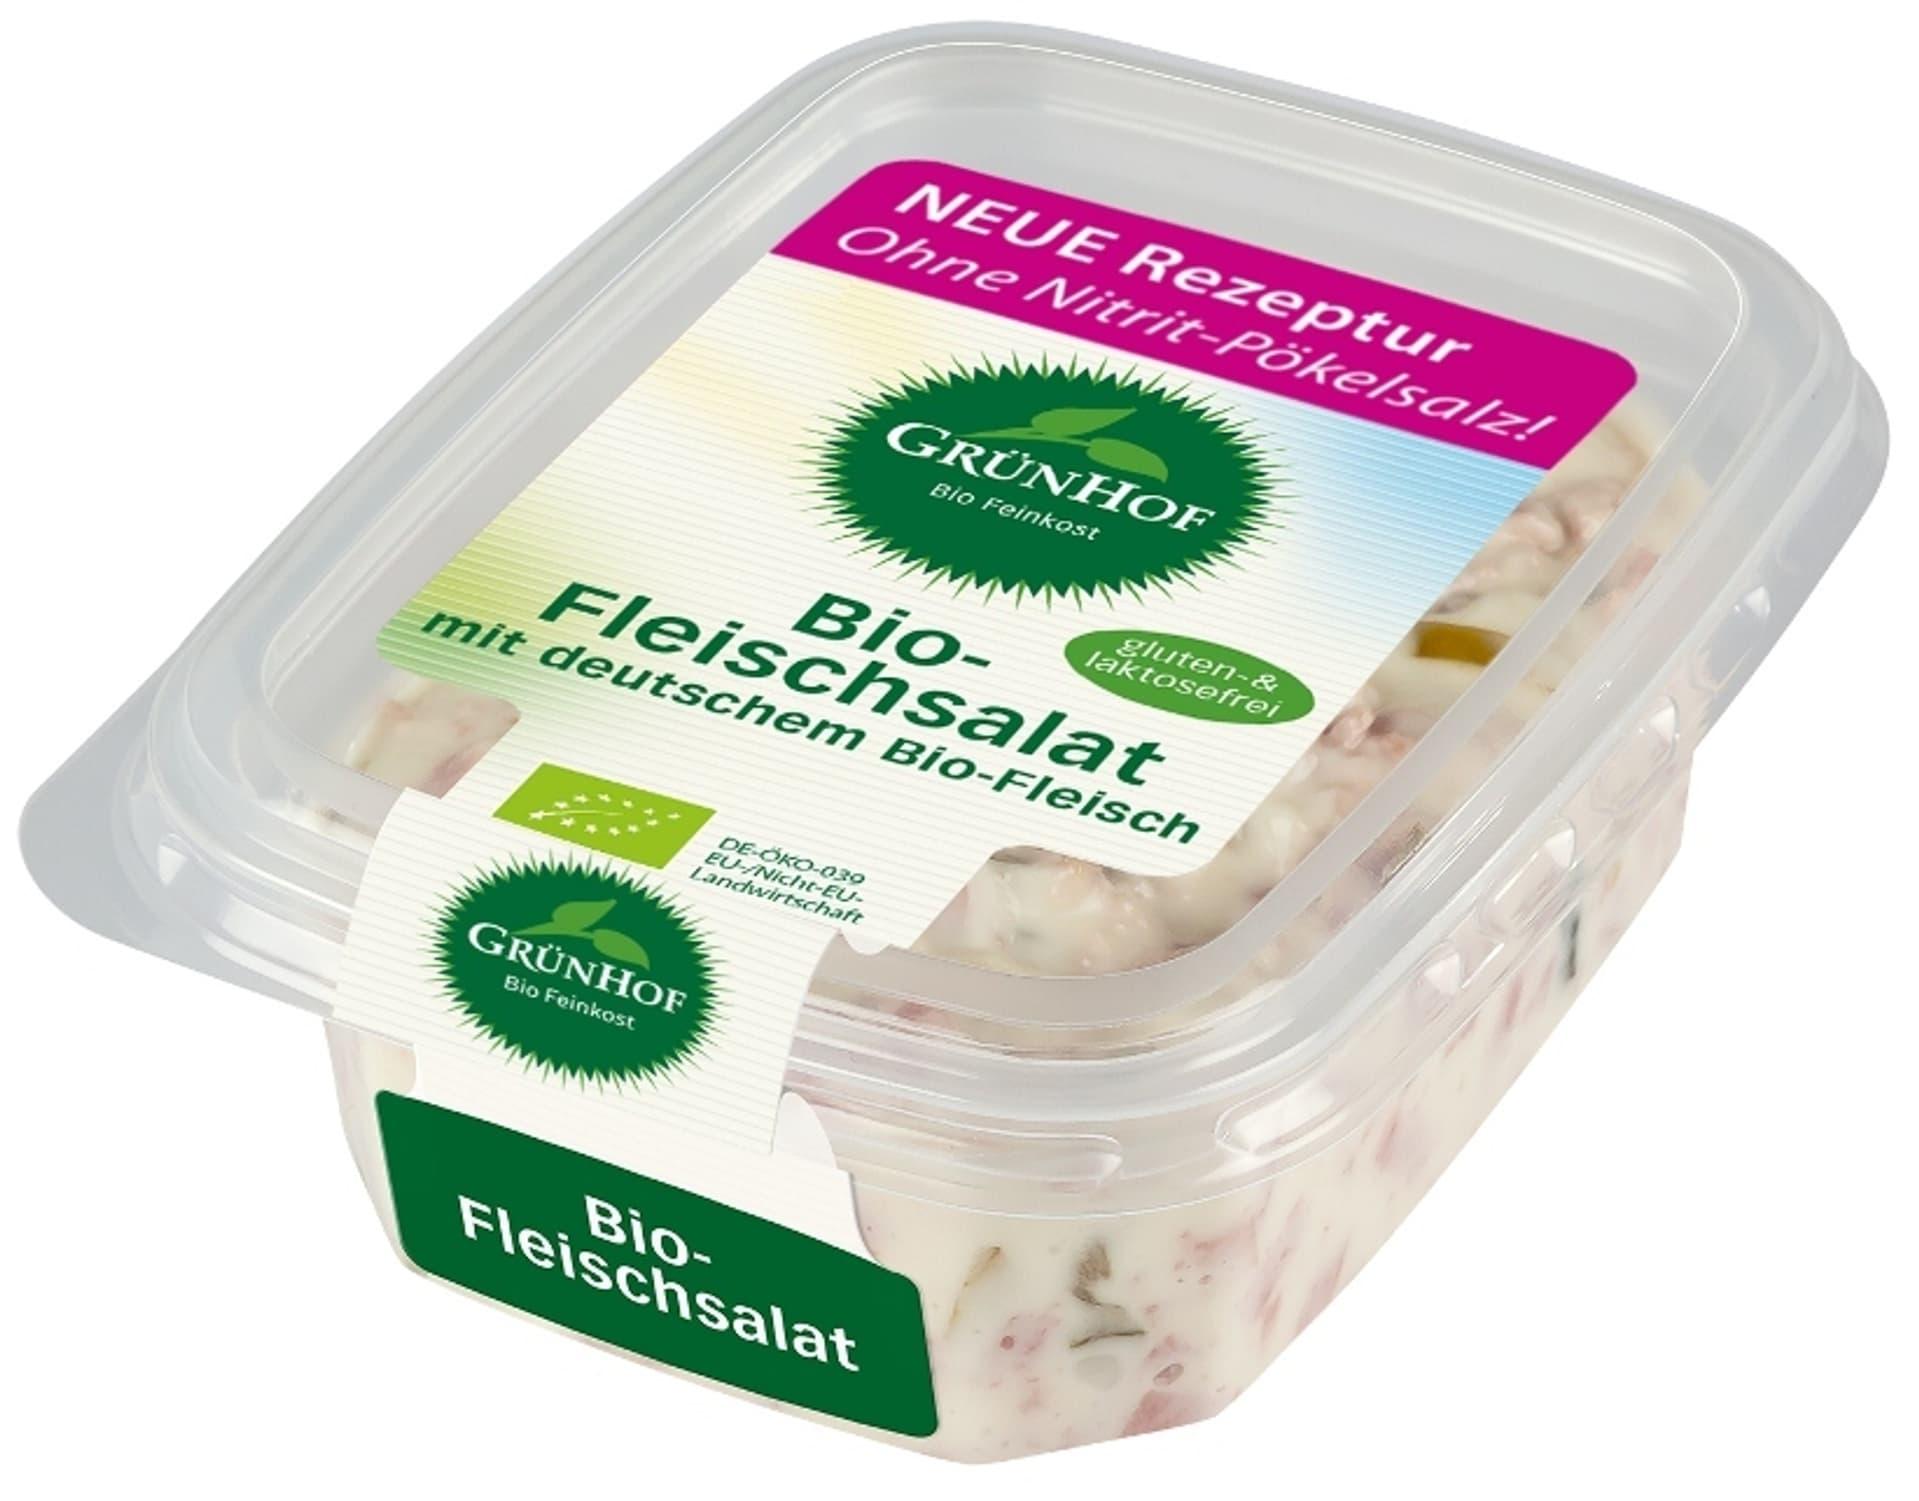 Produktfoto Gruenhof Bio Fleischsalat 150g Neue Rezeptur c gruenhof